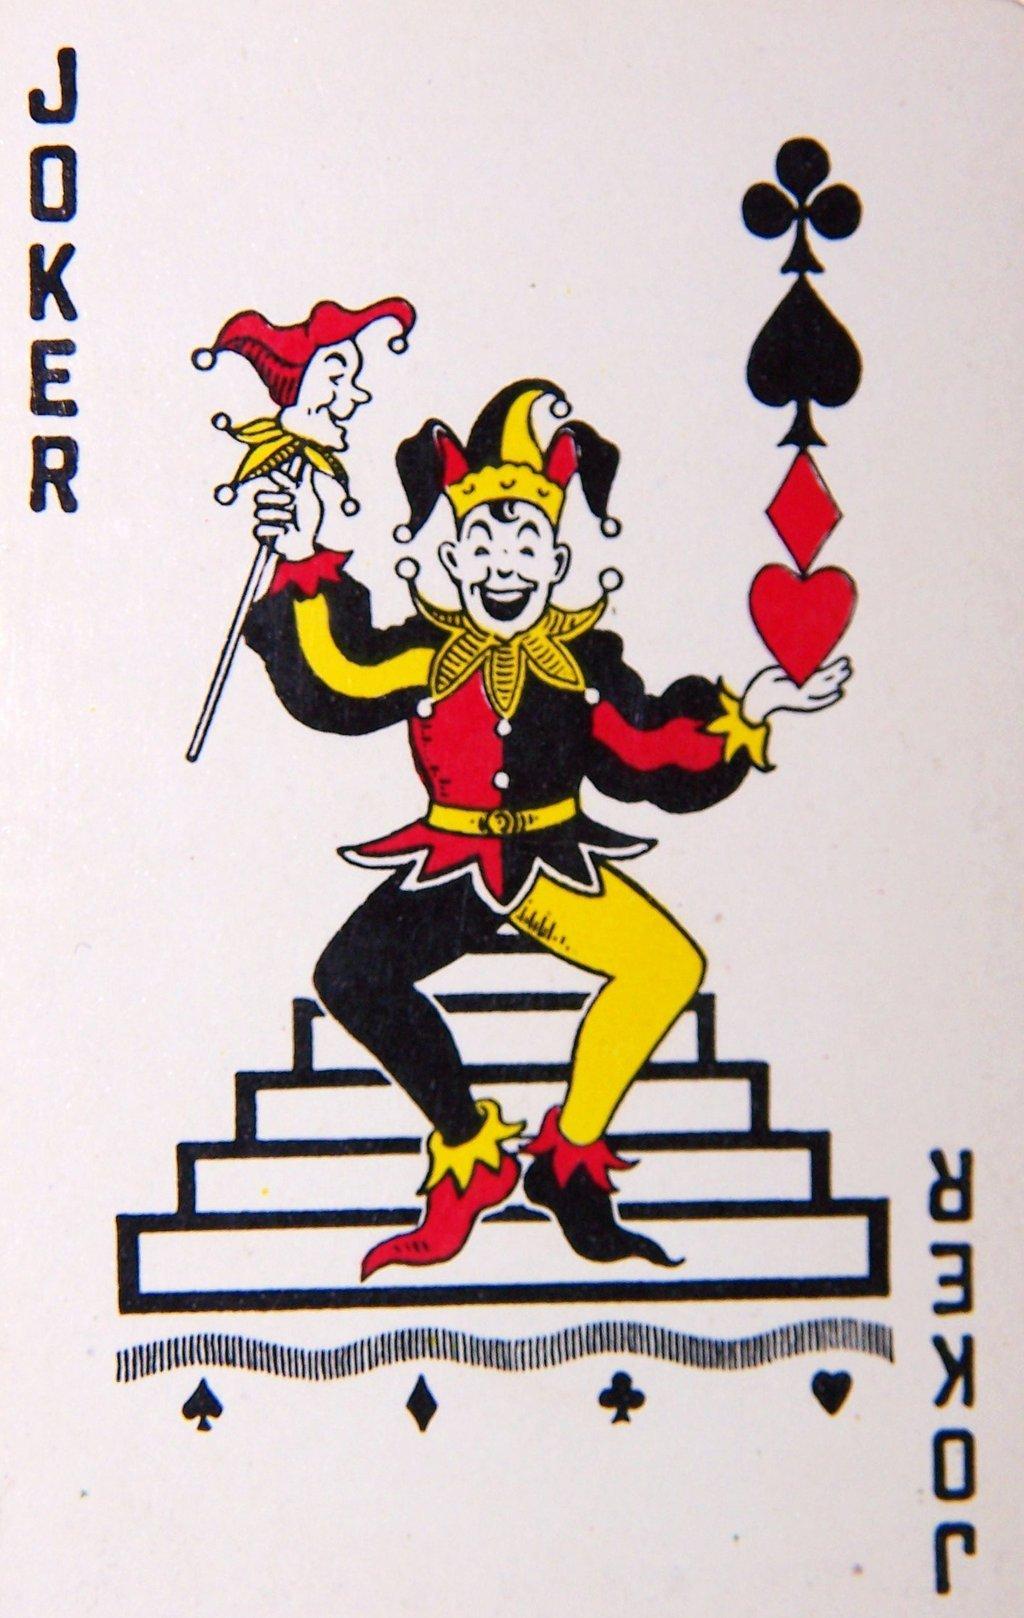 Joker clipart play card #3